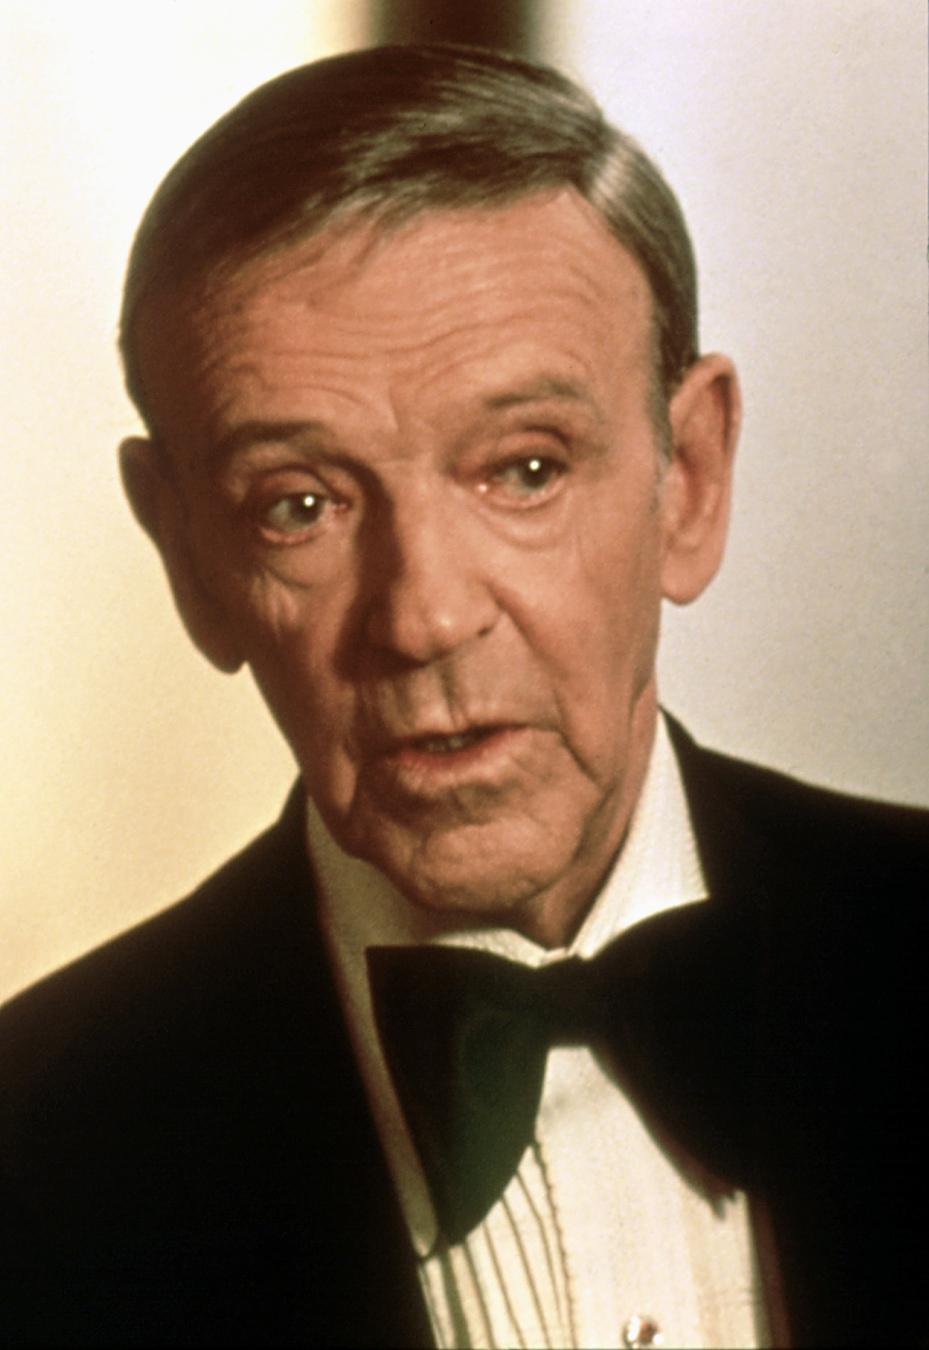 Najwięksi oscarowi przegrani w historii: Fred Astaire